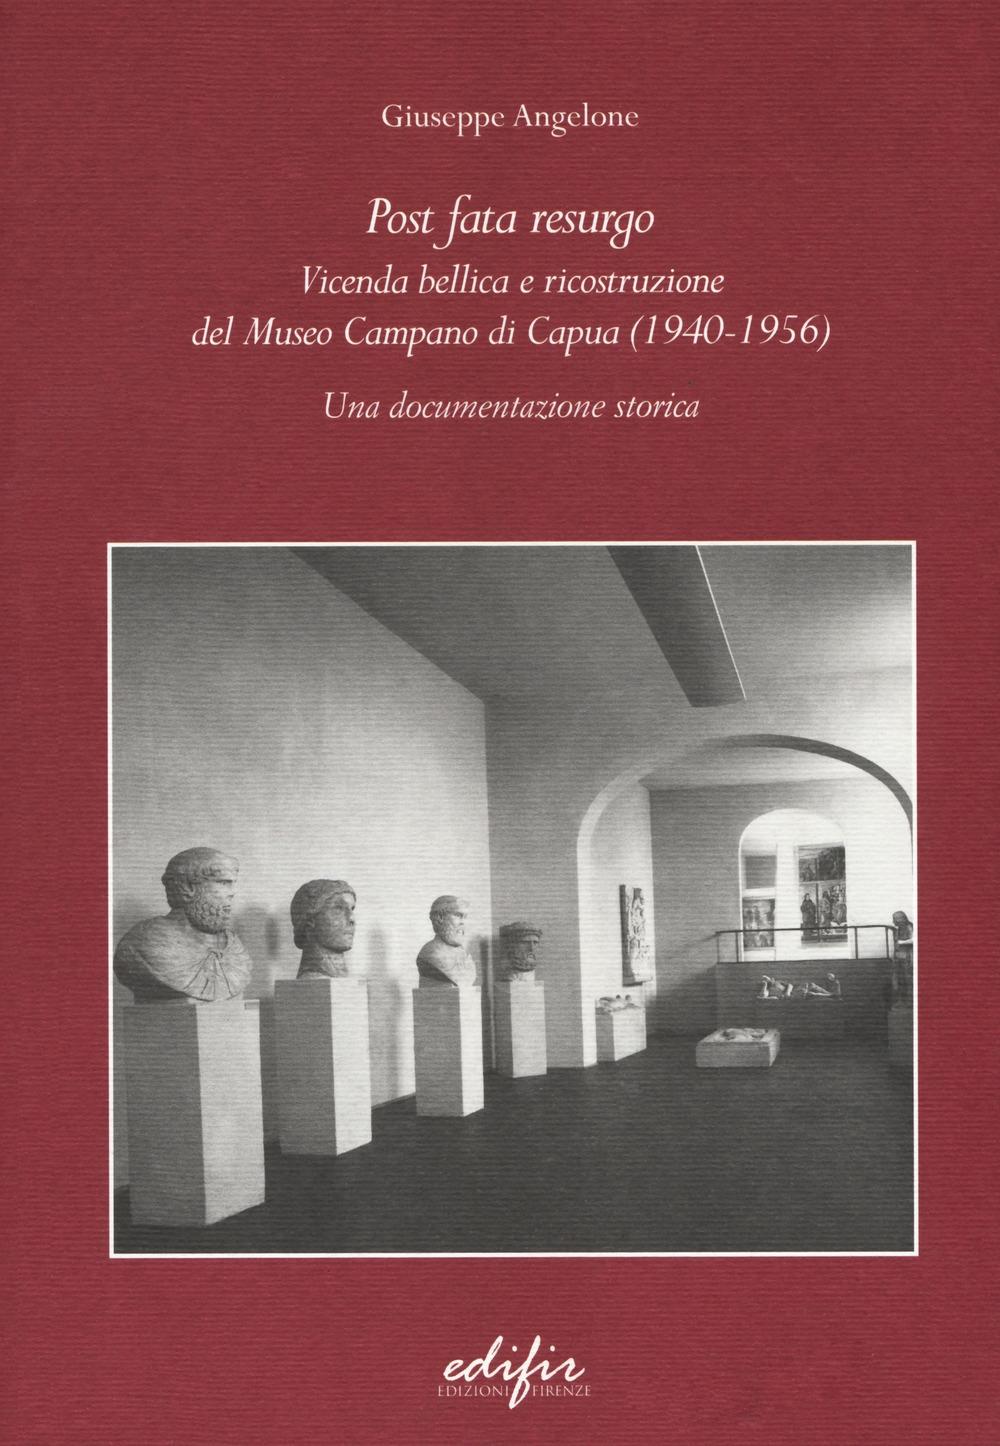 Post Fata Resurgo. Vicenda Bellica e Riocostruzione del Museo Campano di Capua (1940-1956) una Documentazione Storica.